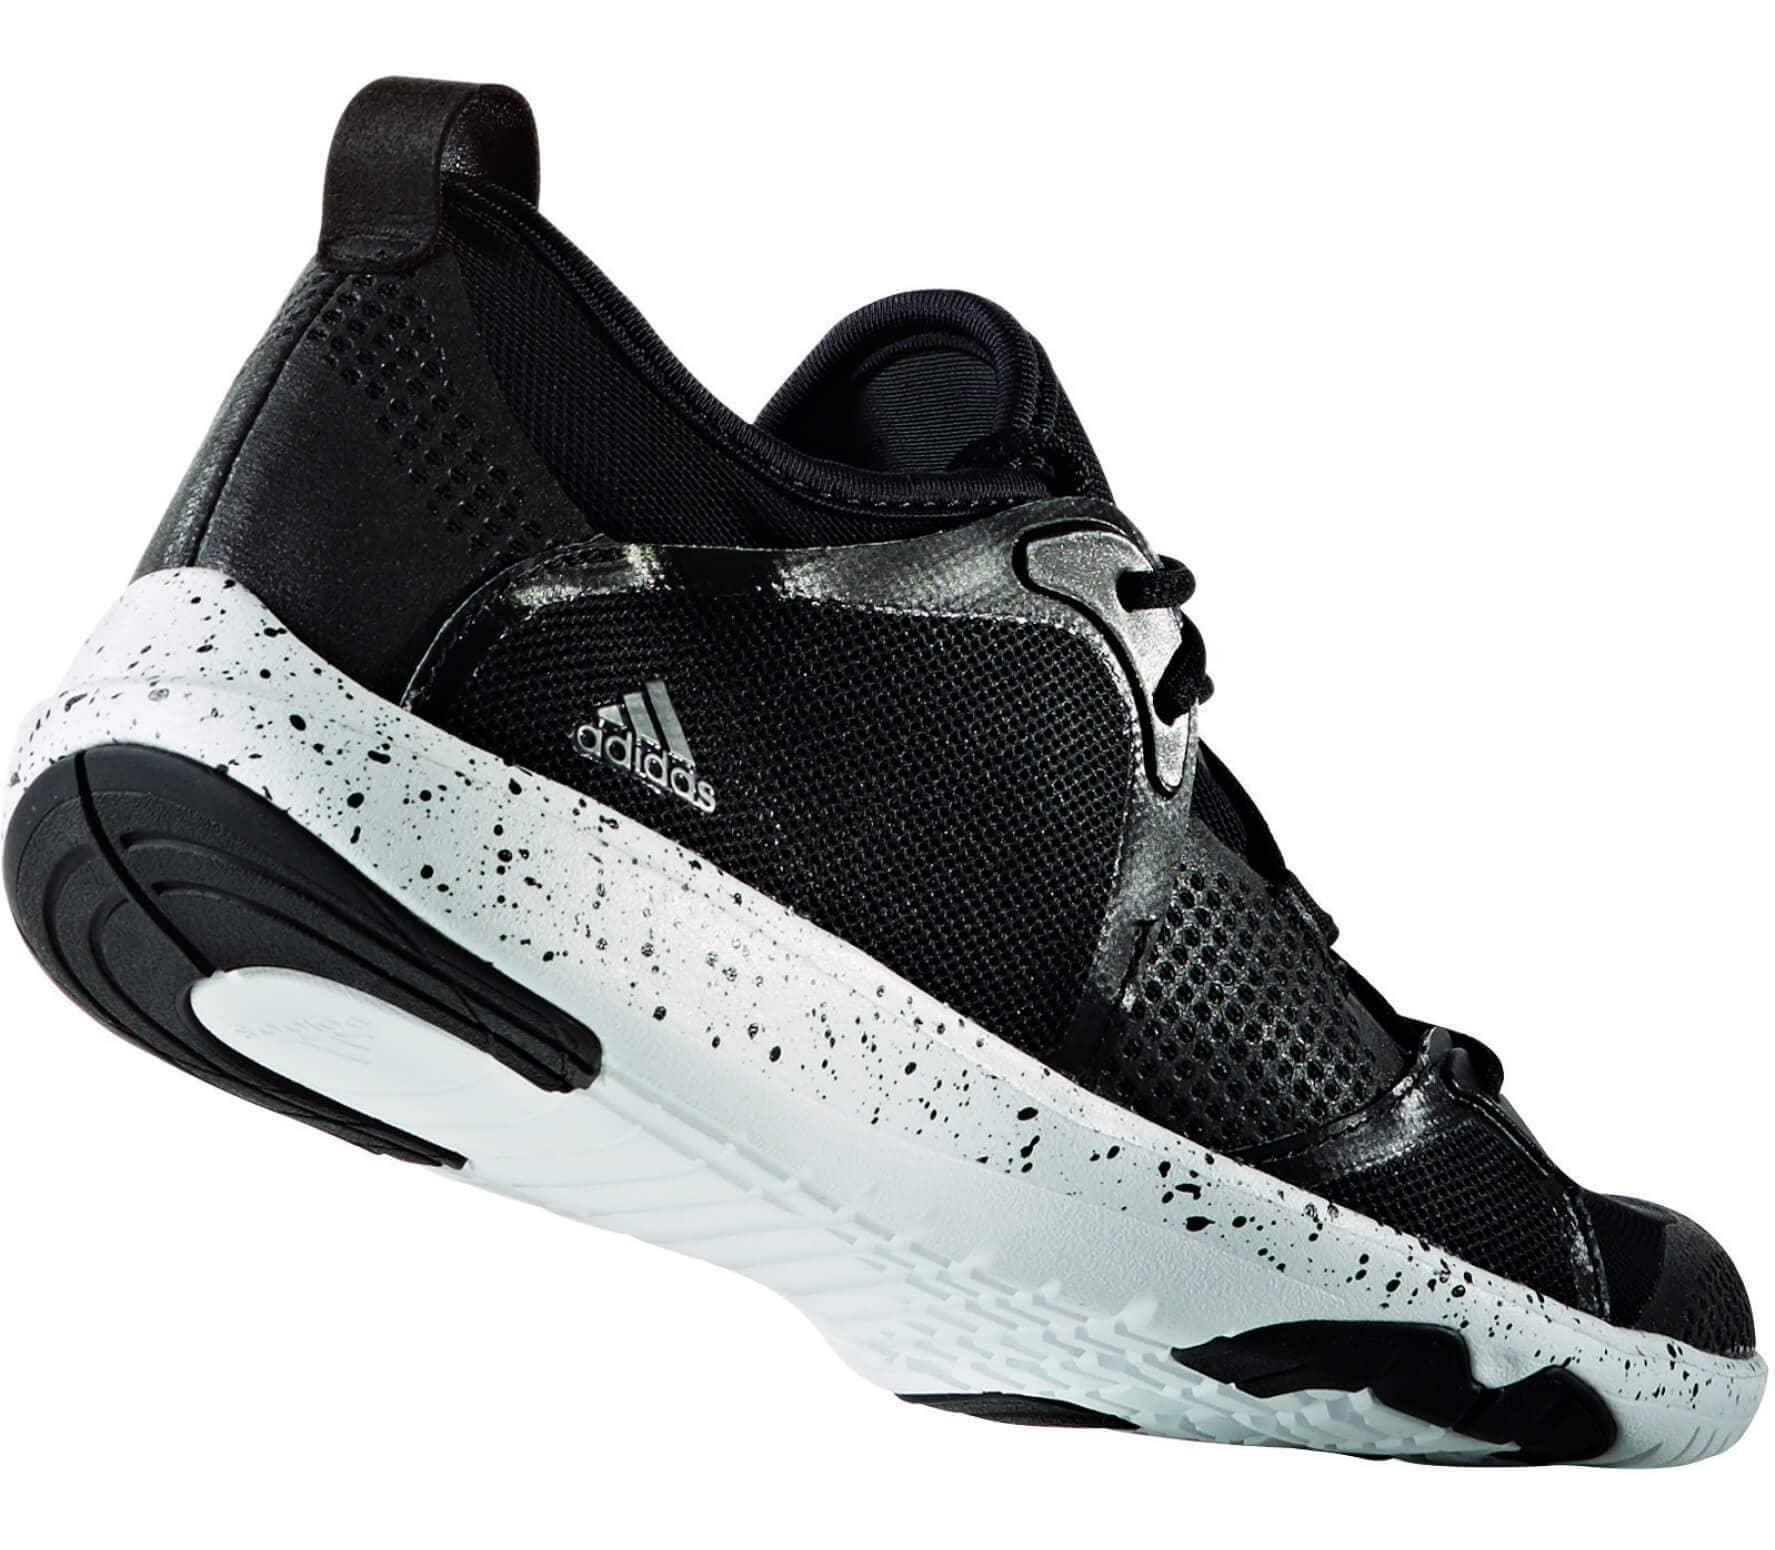 new style fca63 a27ac Adidas - Adipure 360.4 Damen Trainingsschuh (schwarzweiß)